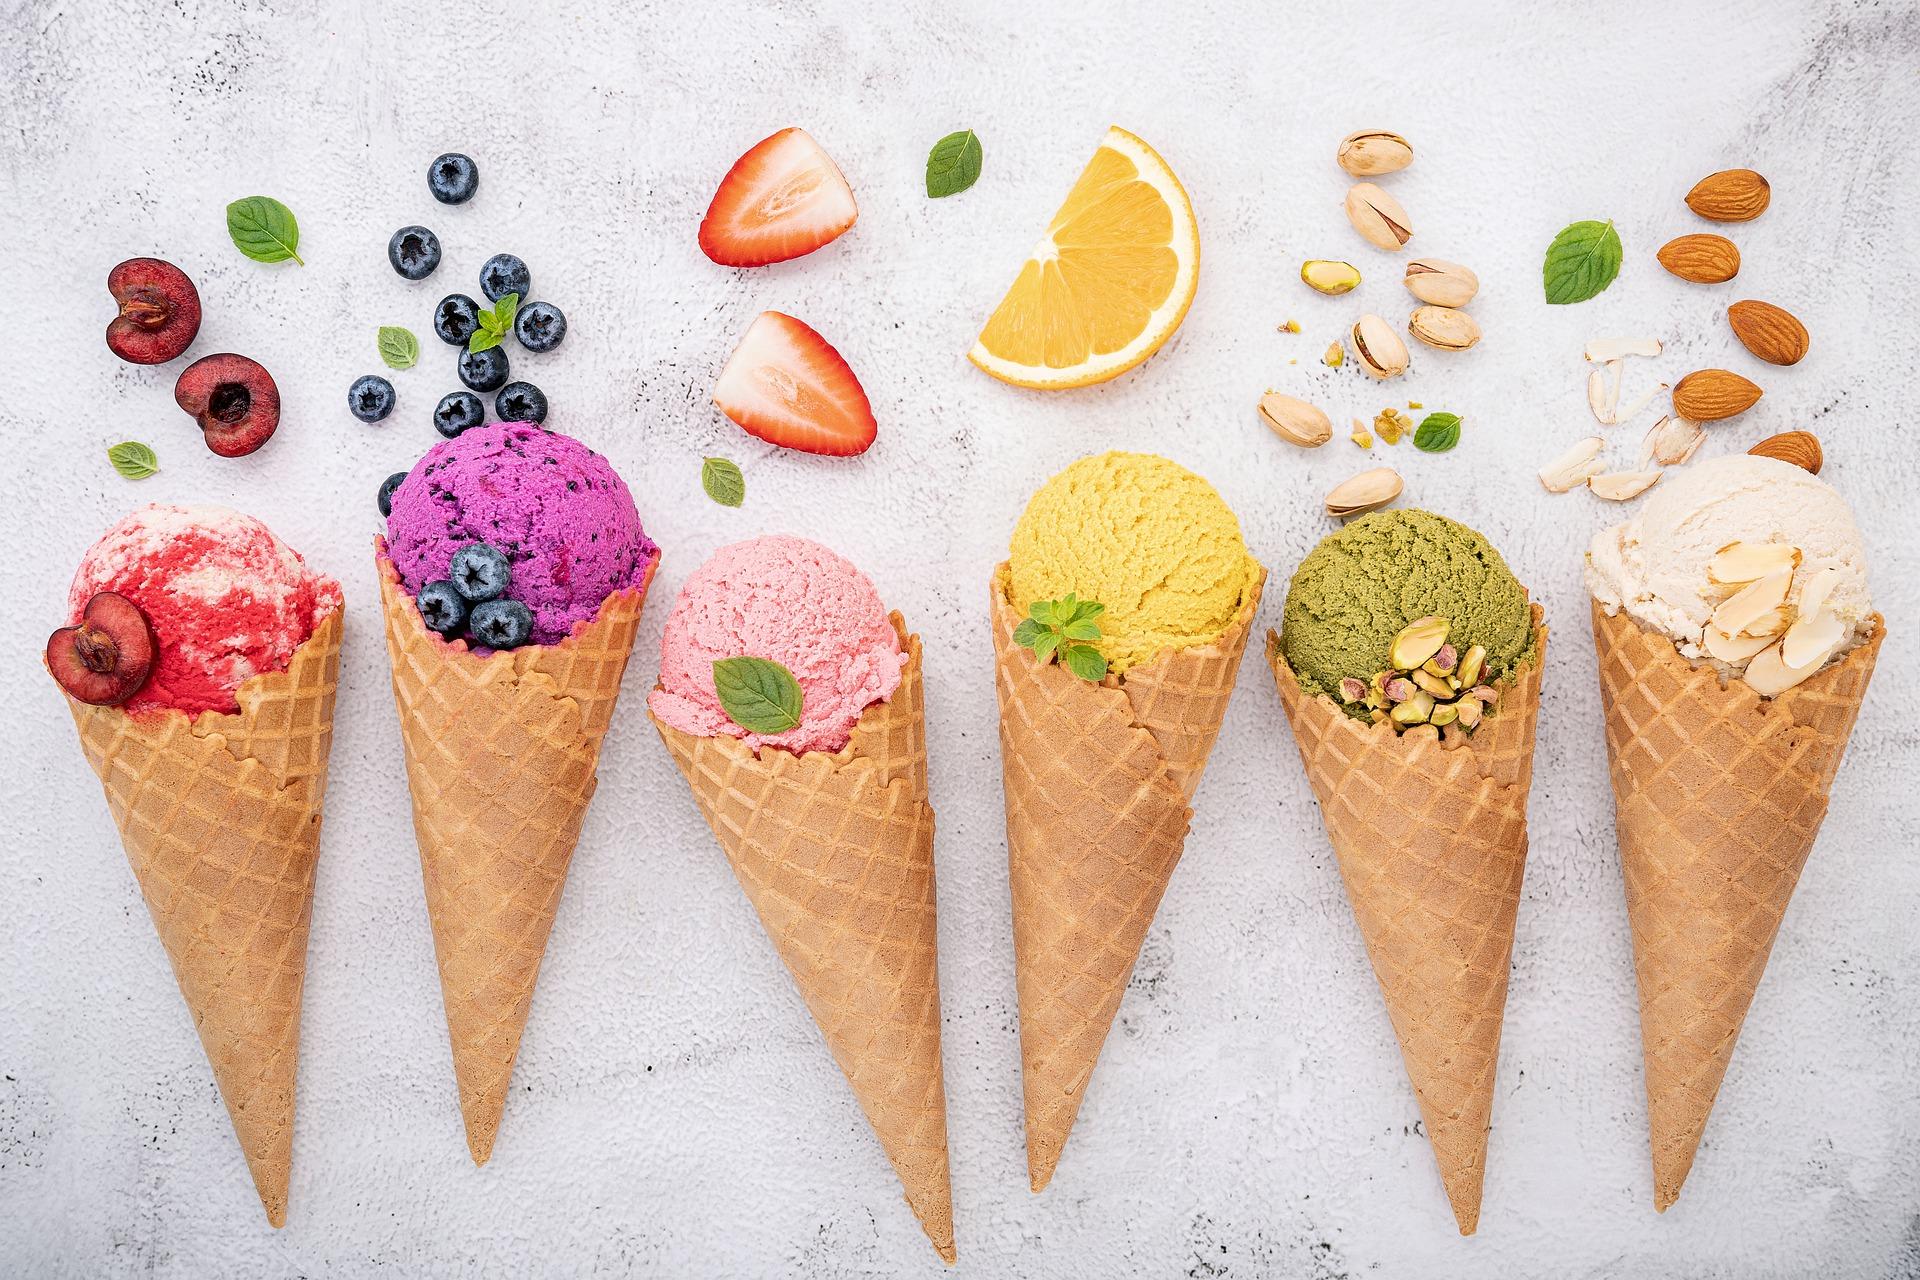 six ice cream cones on white background